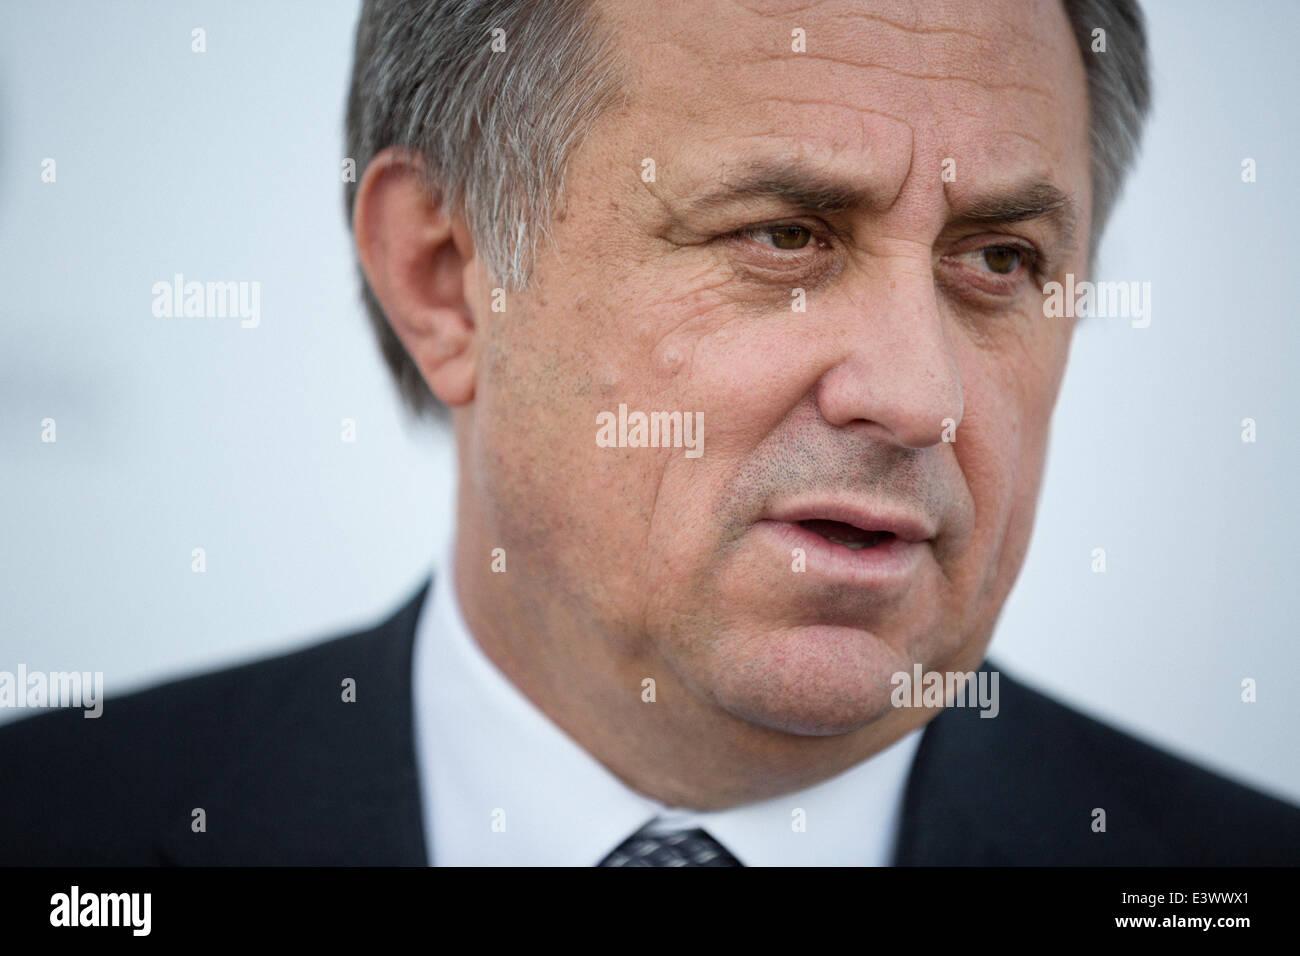 La Russie. 30 Juin, 2014. Vitaly Mutko - Ministre des Sports, du Tourisme et de la politique de la jeunesse de la Photo Stock